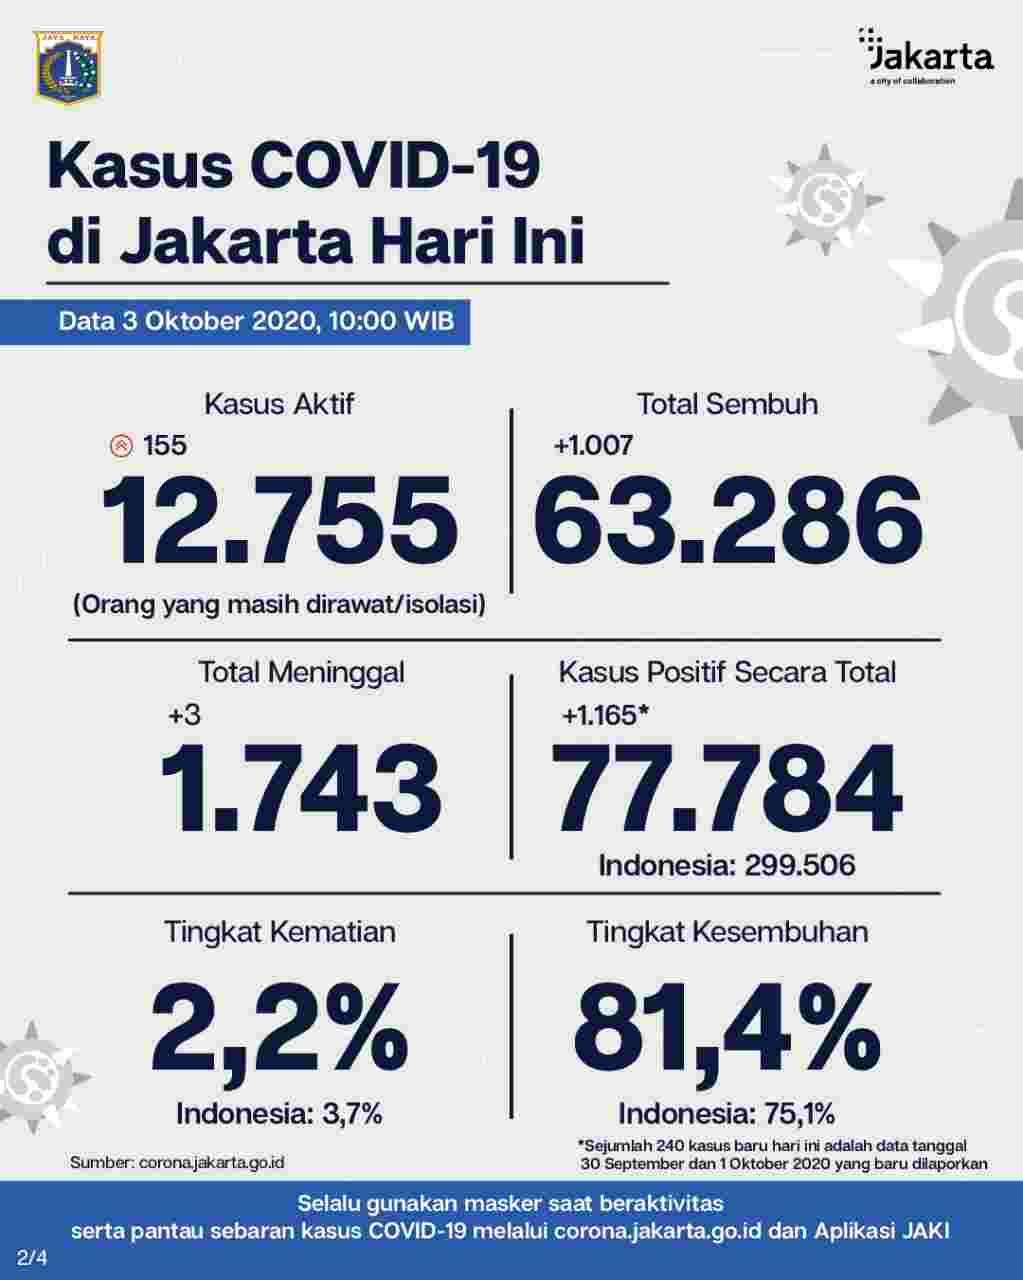 Data Terkini Dinas Kesehatan Pemerintah Provinsi DKI Jakarta Tentang Covid-19